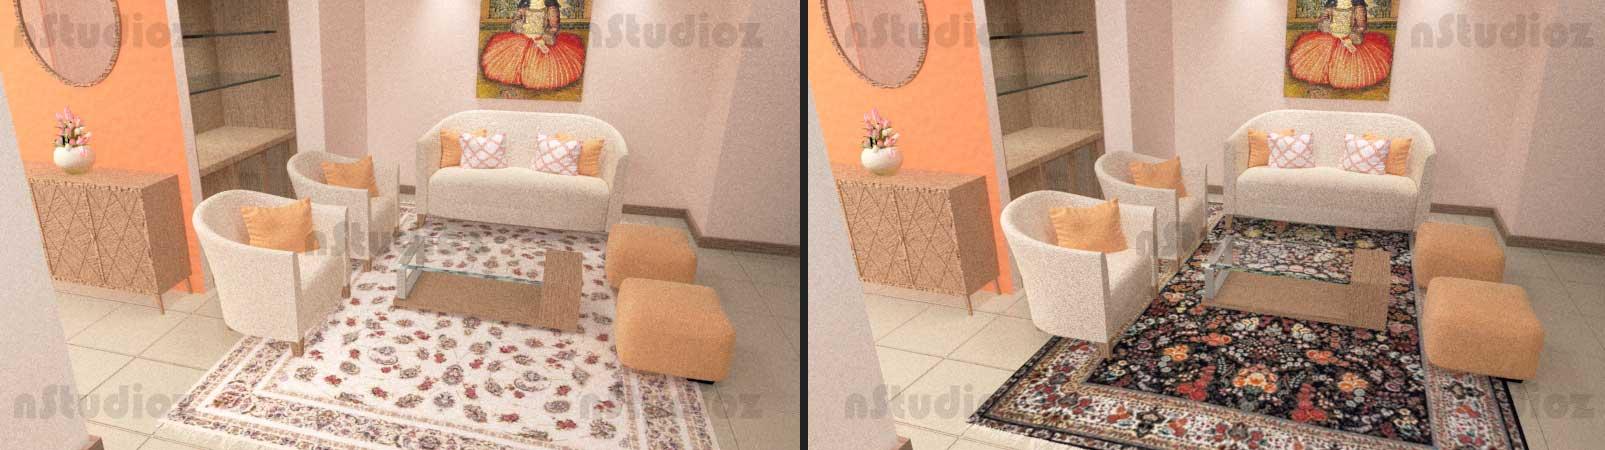 فرش مشکی و سفید در یک خانه ثابت چه تفاوتی ایجاد می کنند